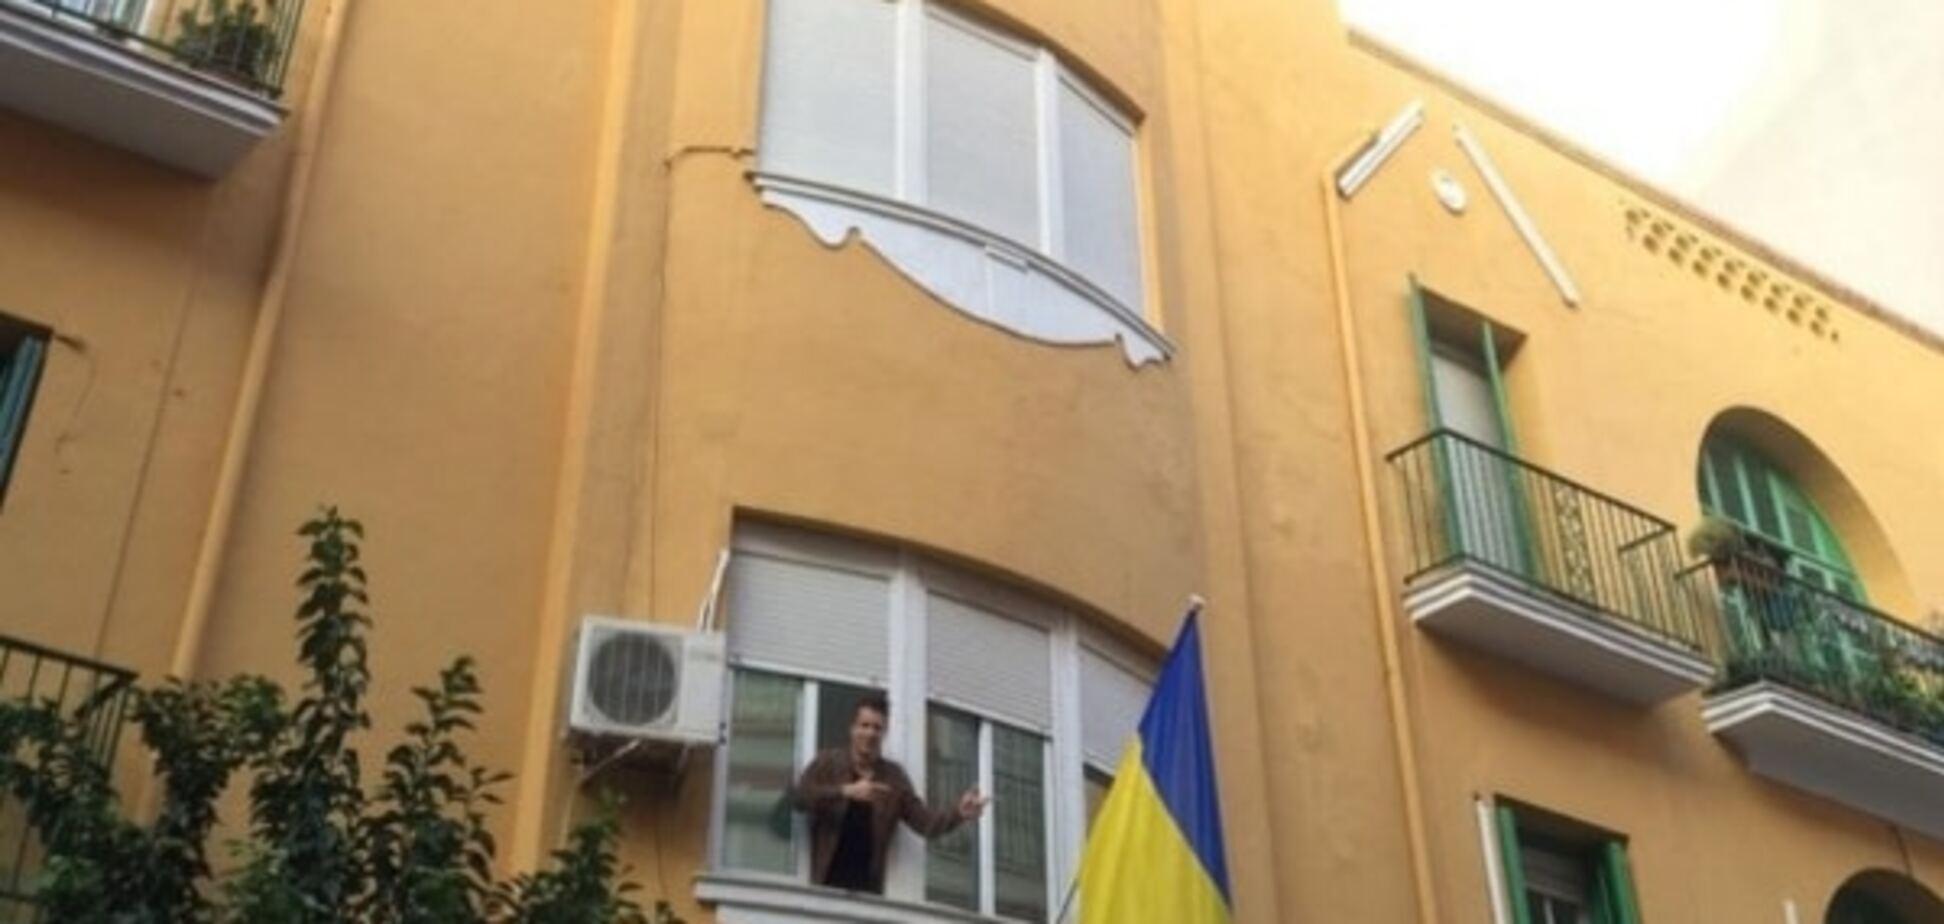 Коноплянка показал Испании, как любит Украину: патриотическое фото